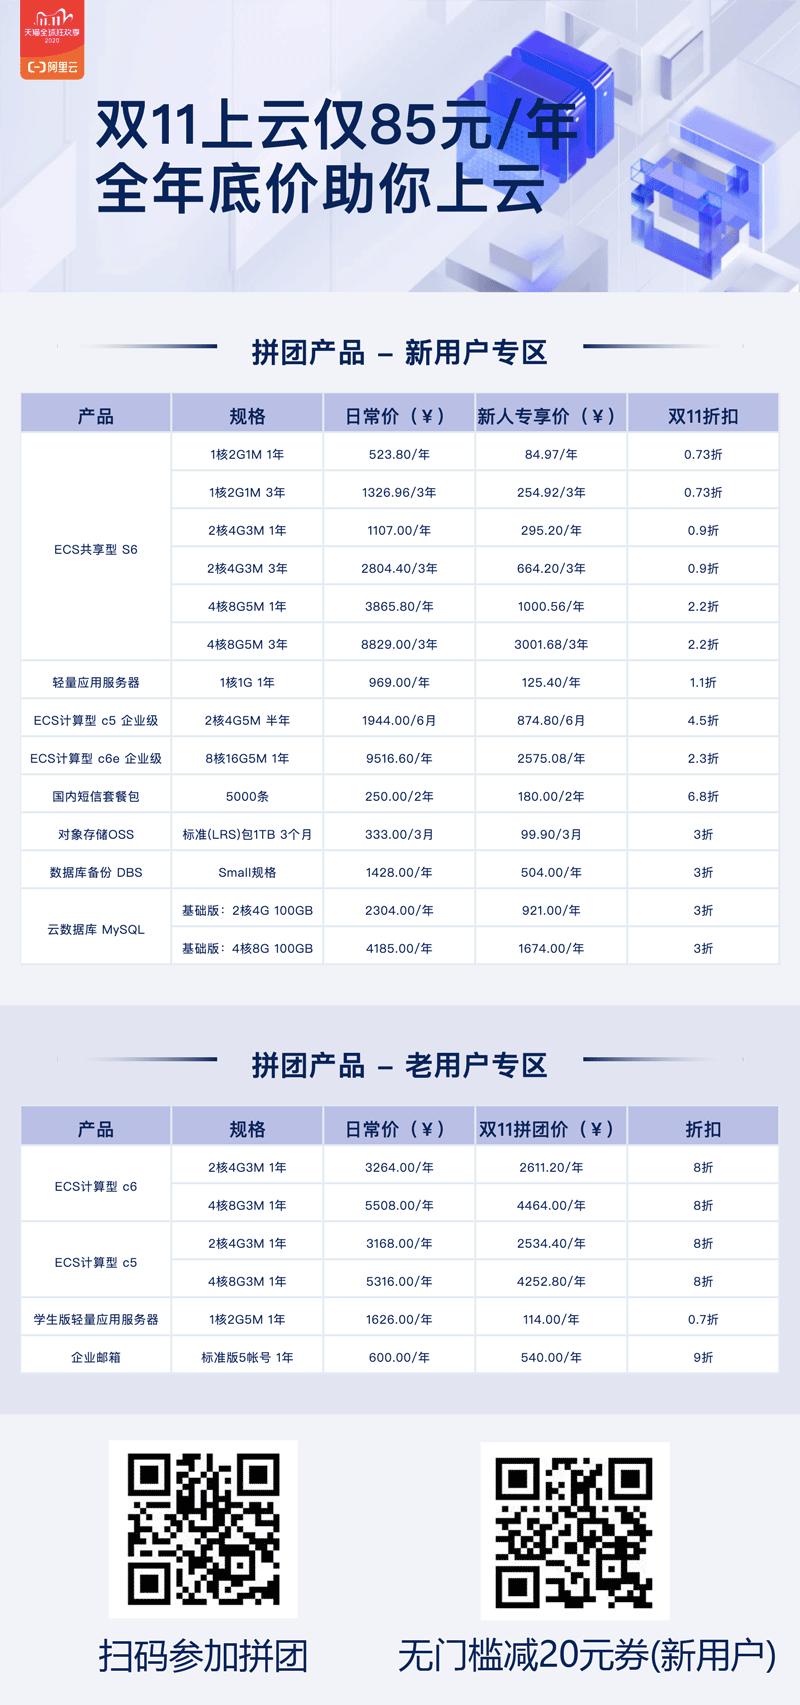 阿里云2020年双十一活动价目表,新用户1折拼团,老用户5折